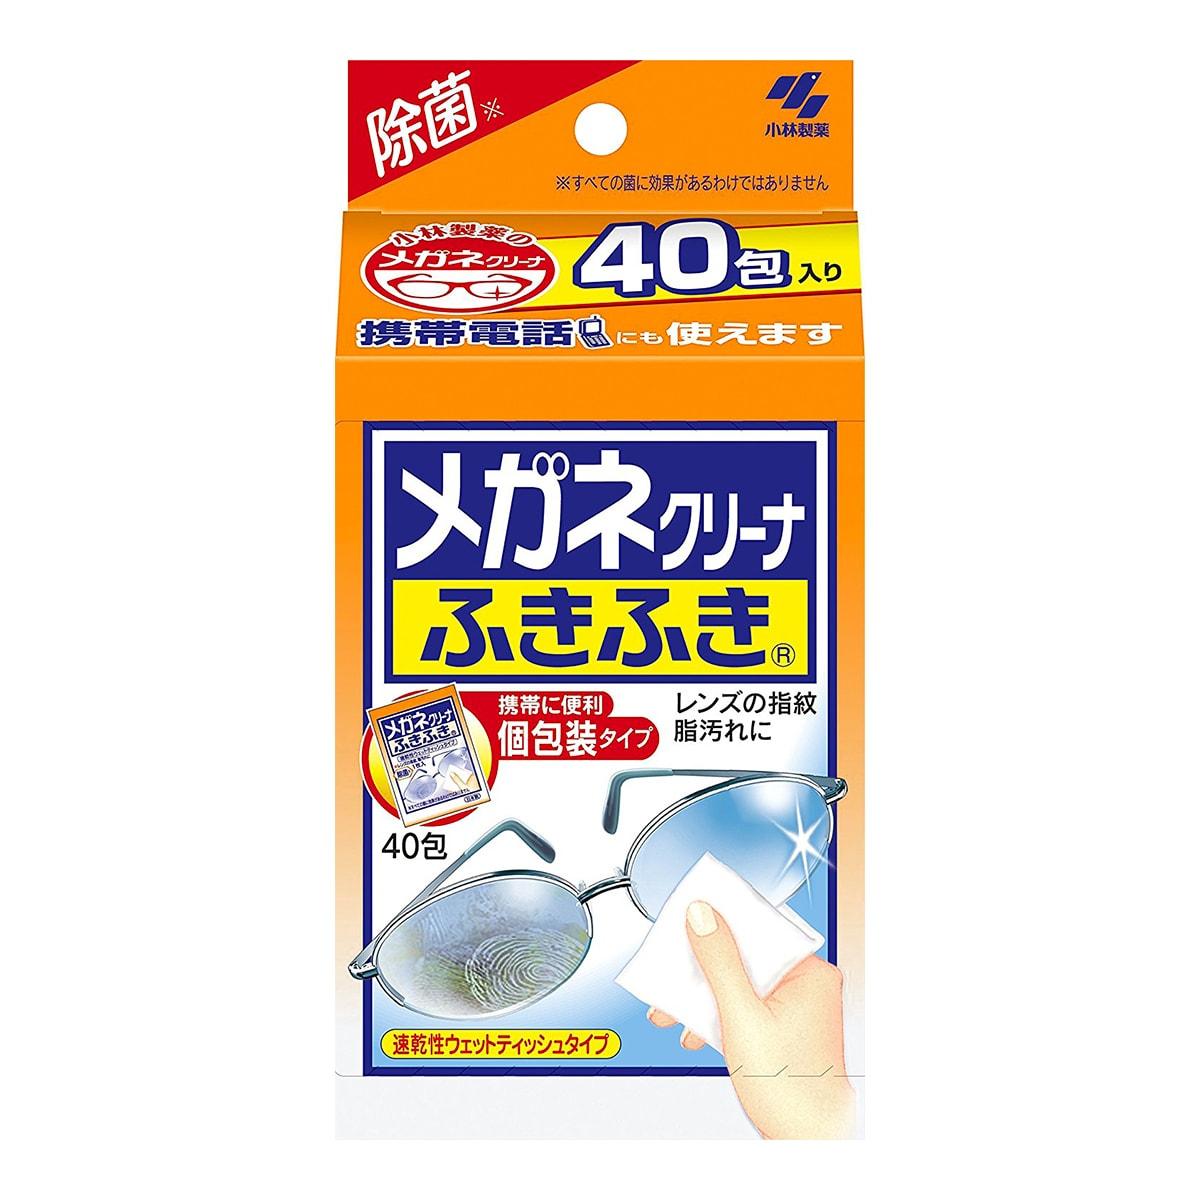 日本KOBAYASHI小林制药 除菌去指纹镜片清洁湿巾 40包入